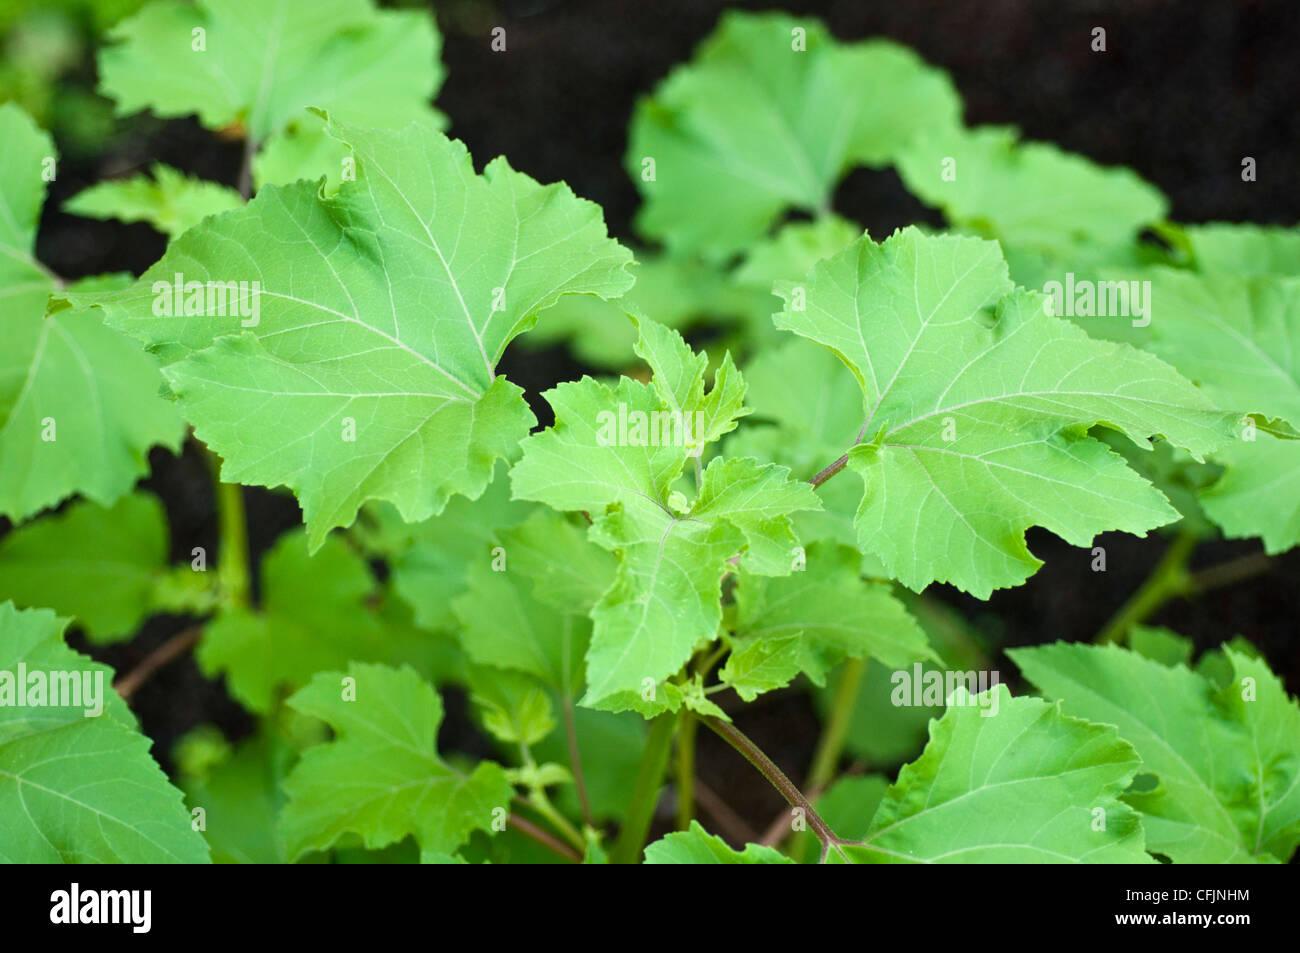 Leaves of toxic plant Cocklebur, Xanthium strumarium - Stock Image